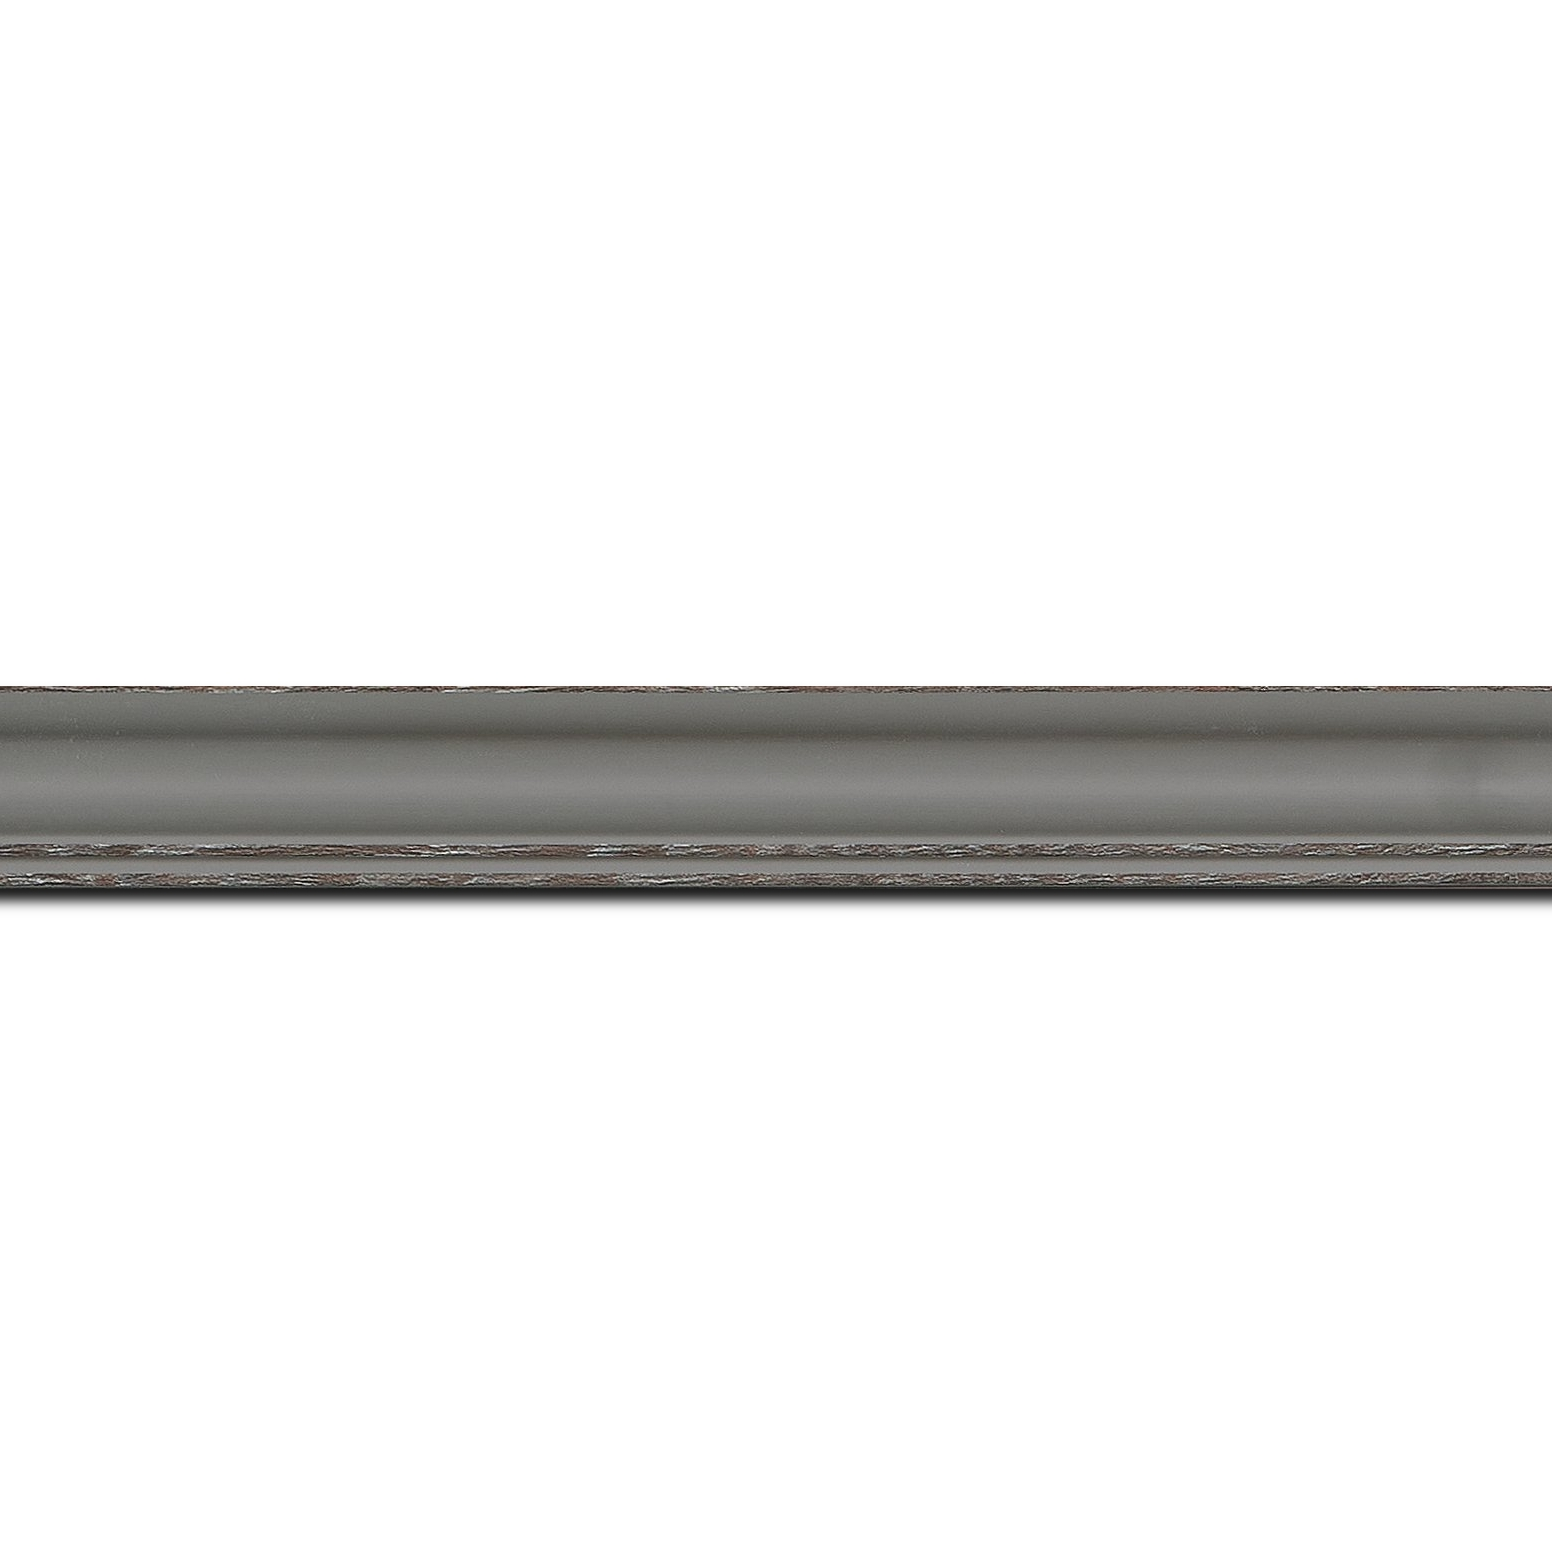 Baguette longueur 1.40m bois profil doucine inversée largeur 2.3cm gris satiné bord ressuyé